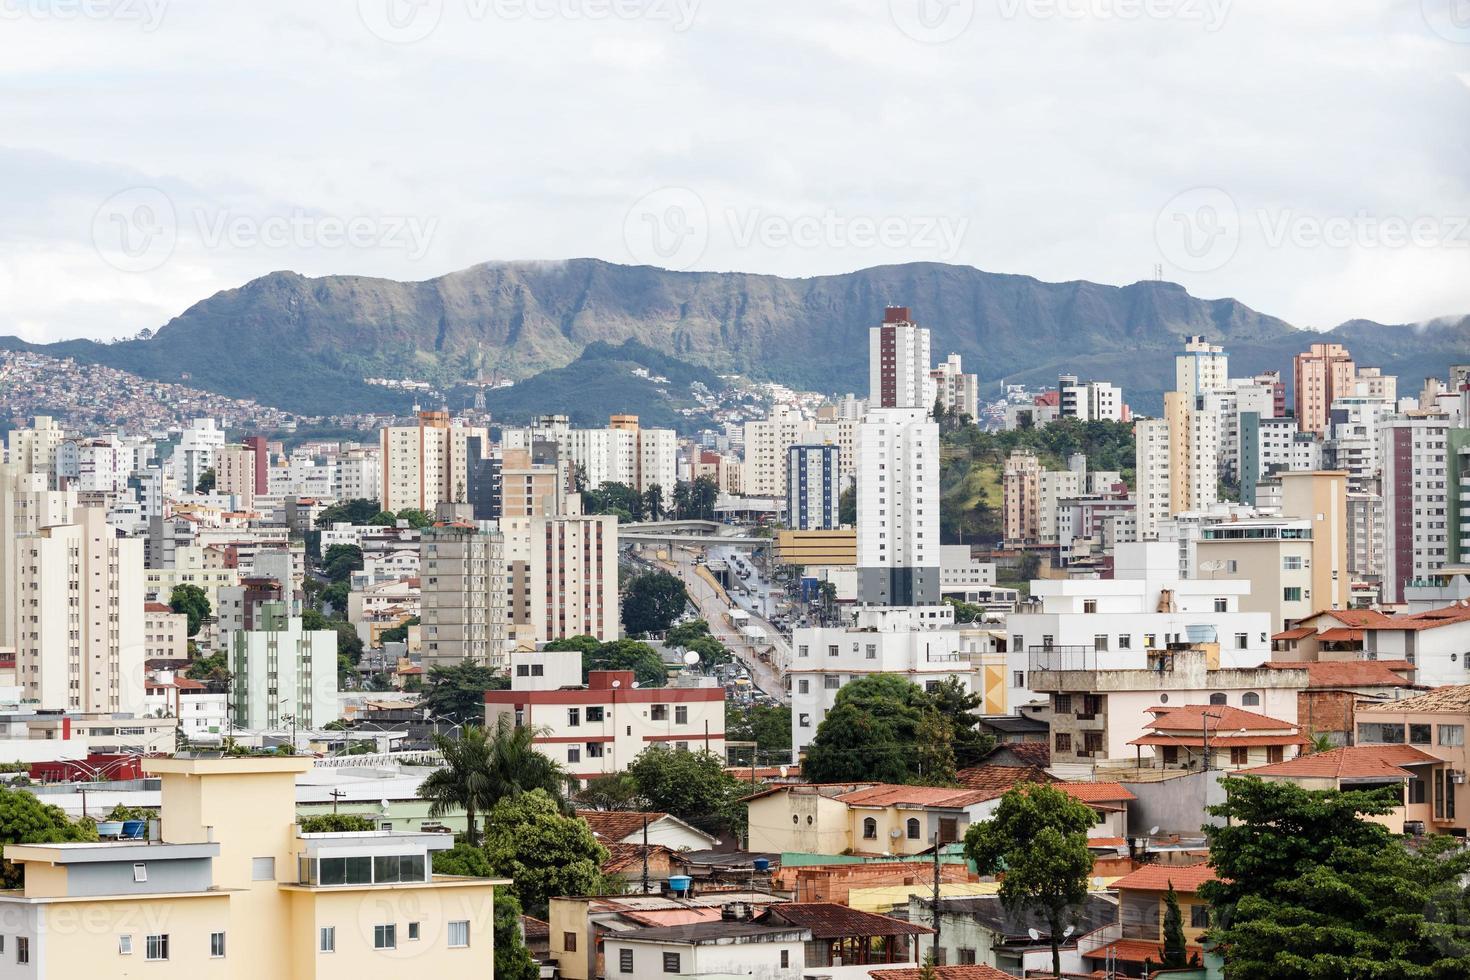 cidade de belo horizonte, estado de minas gerais, brasil foto